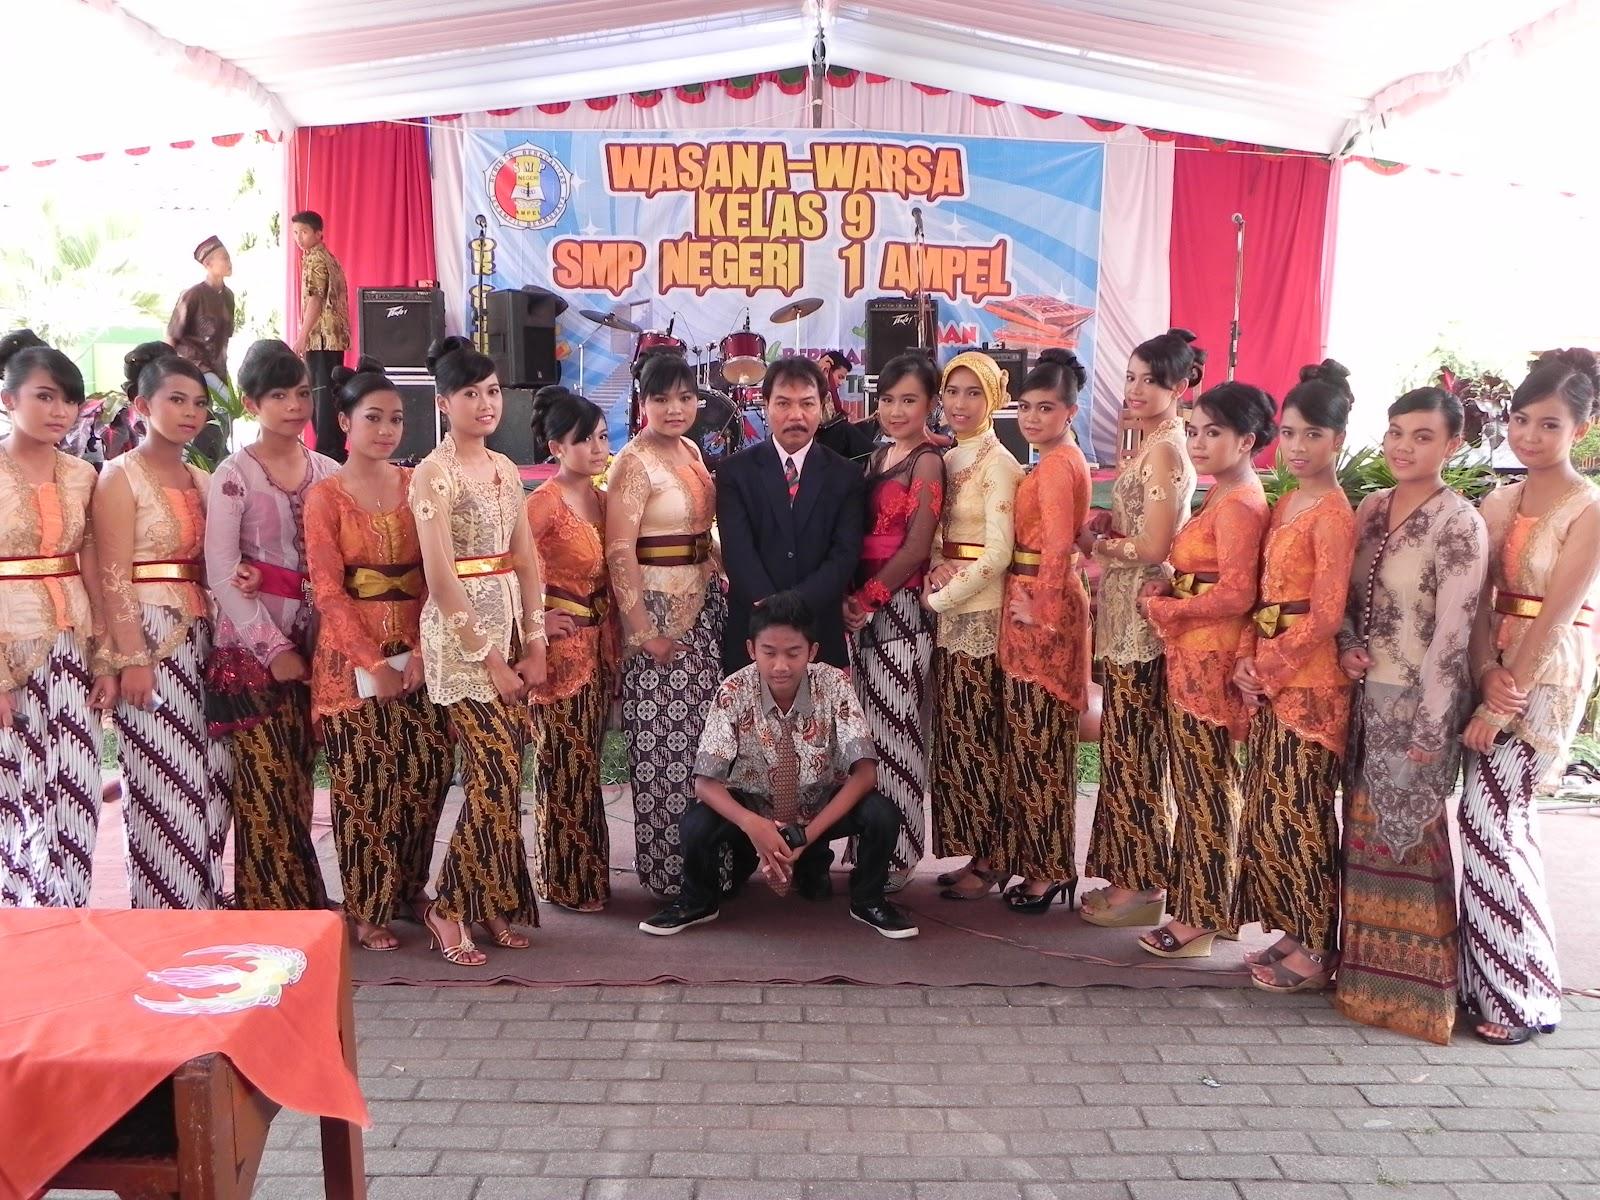 Naskah Pidato Bahasa Jawa Tentang Perpisahan Kelas 9